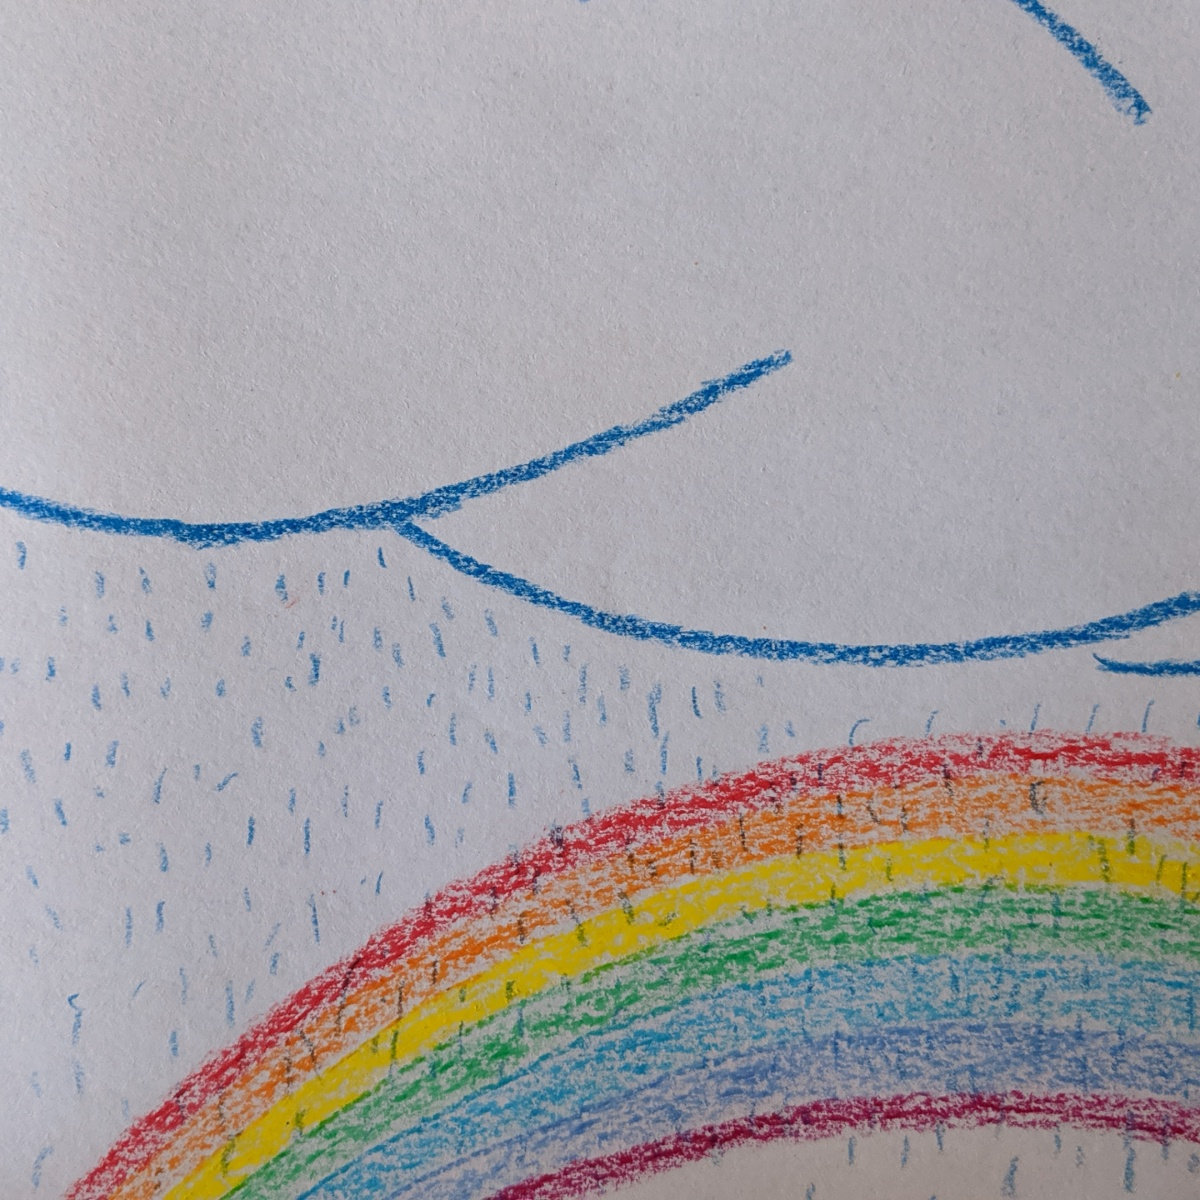 desenho infantil de sol, chuva e arco-iris